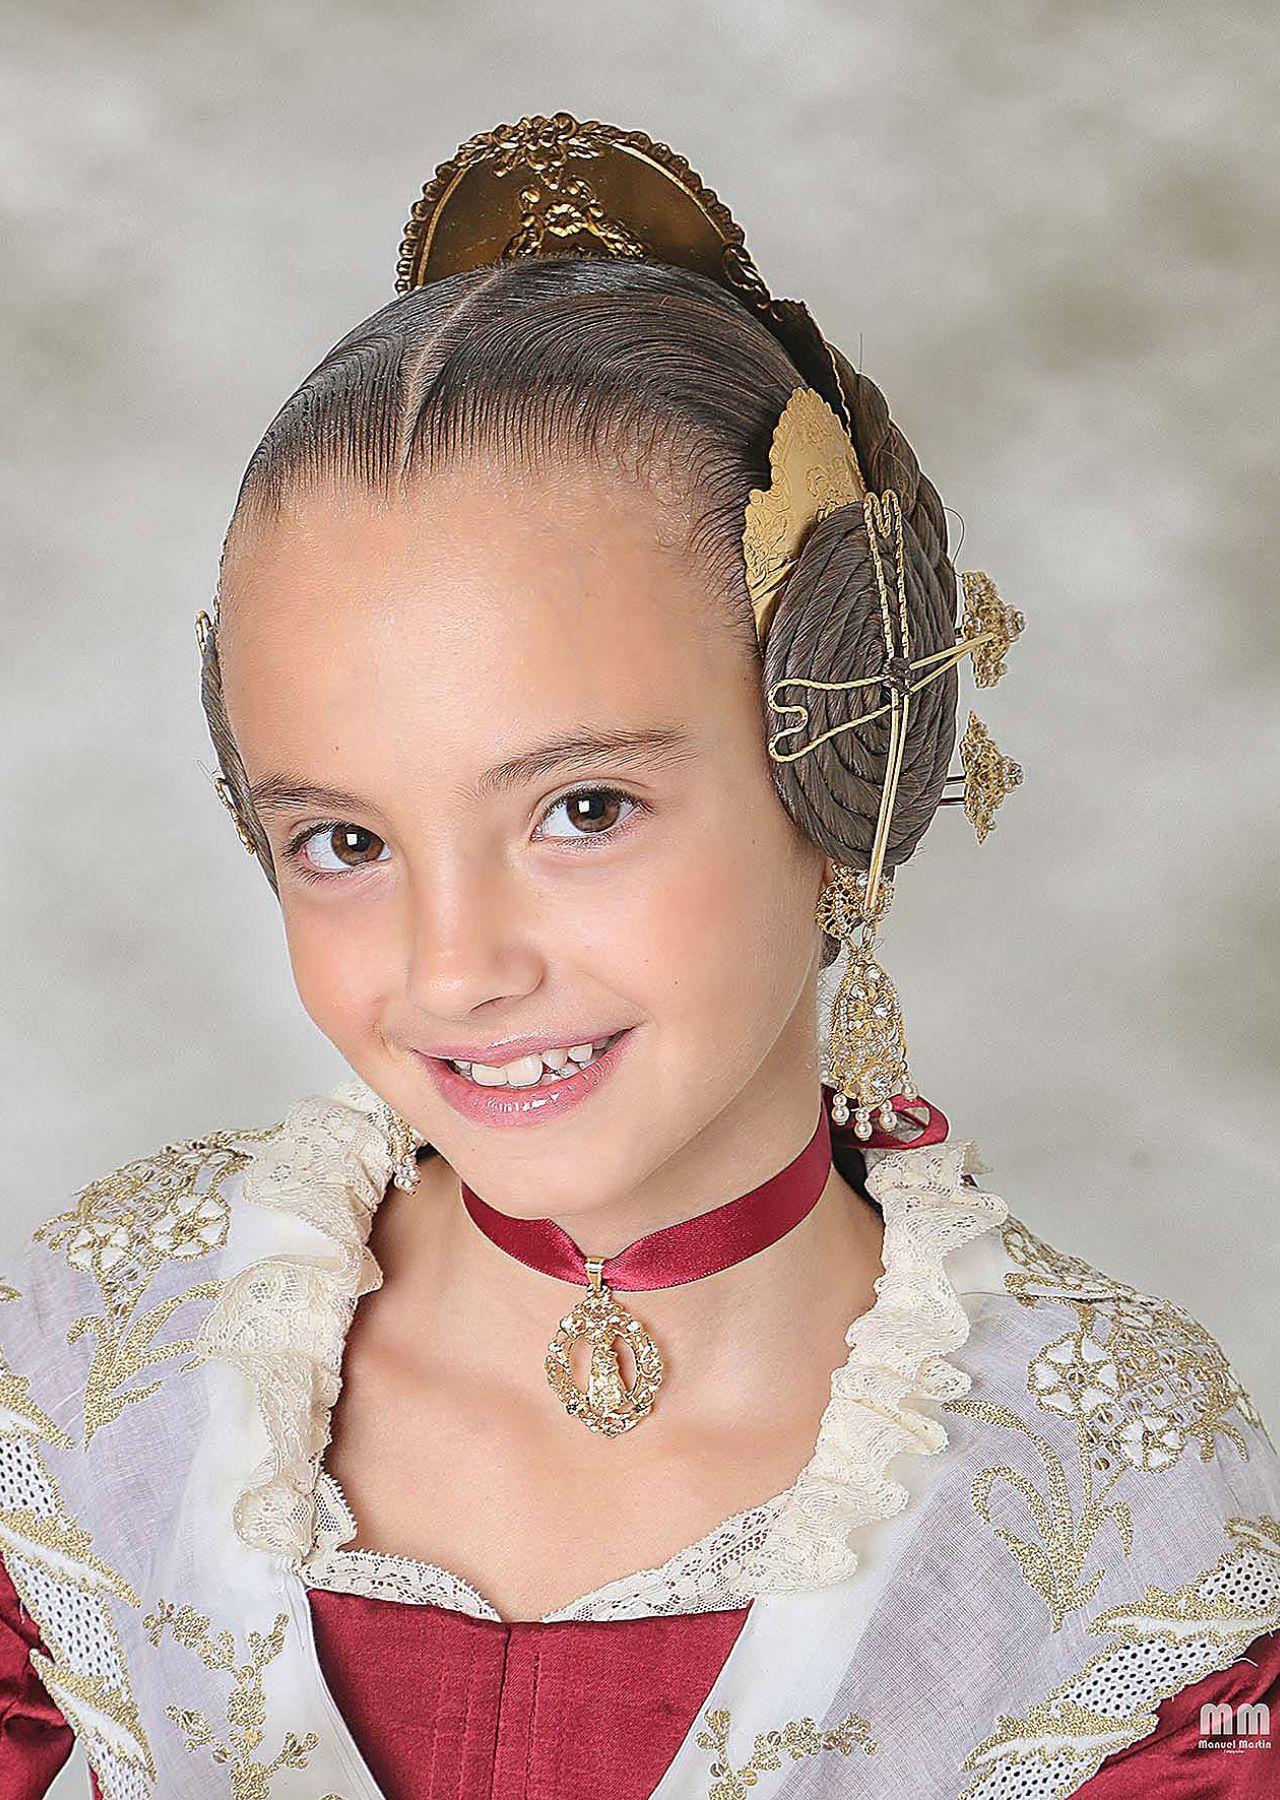 Valeria Bueno Contell